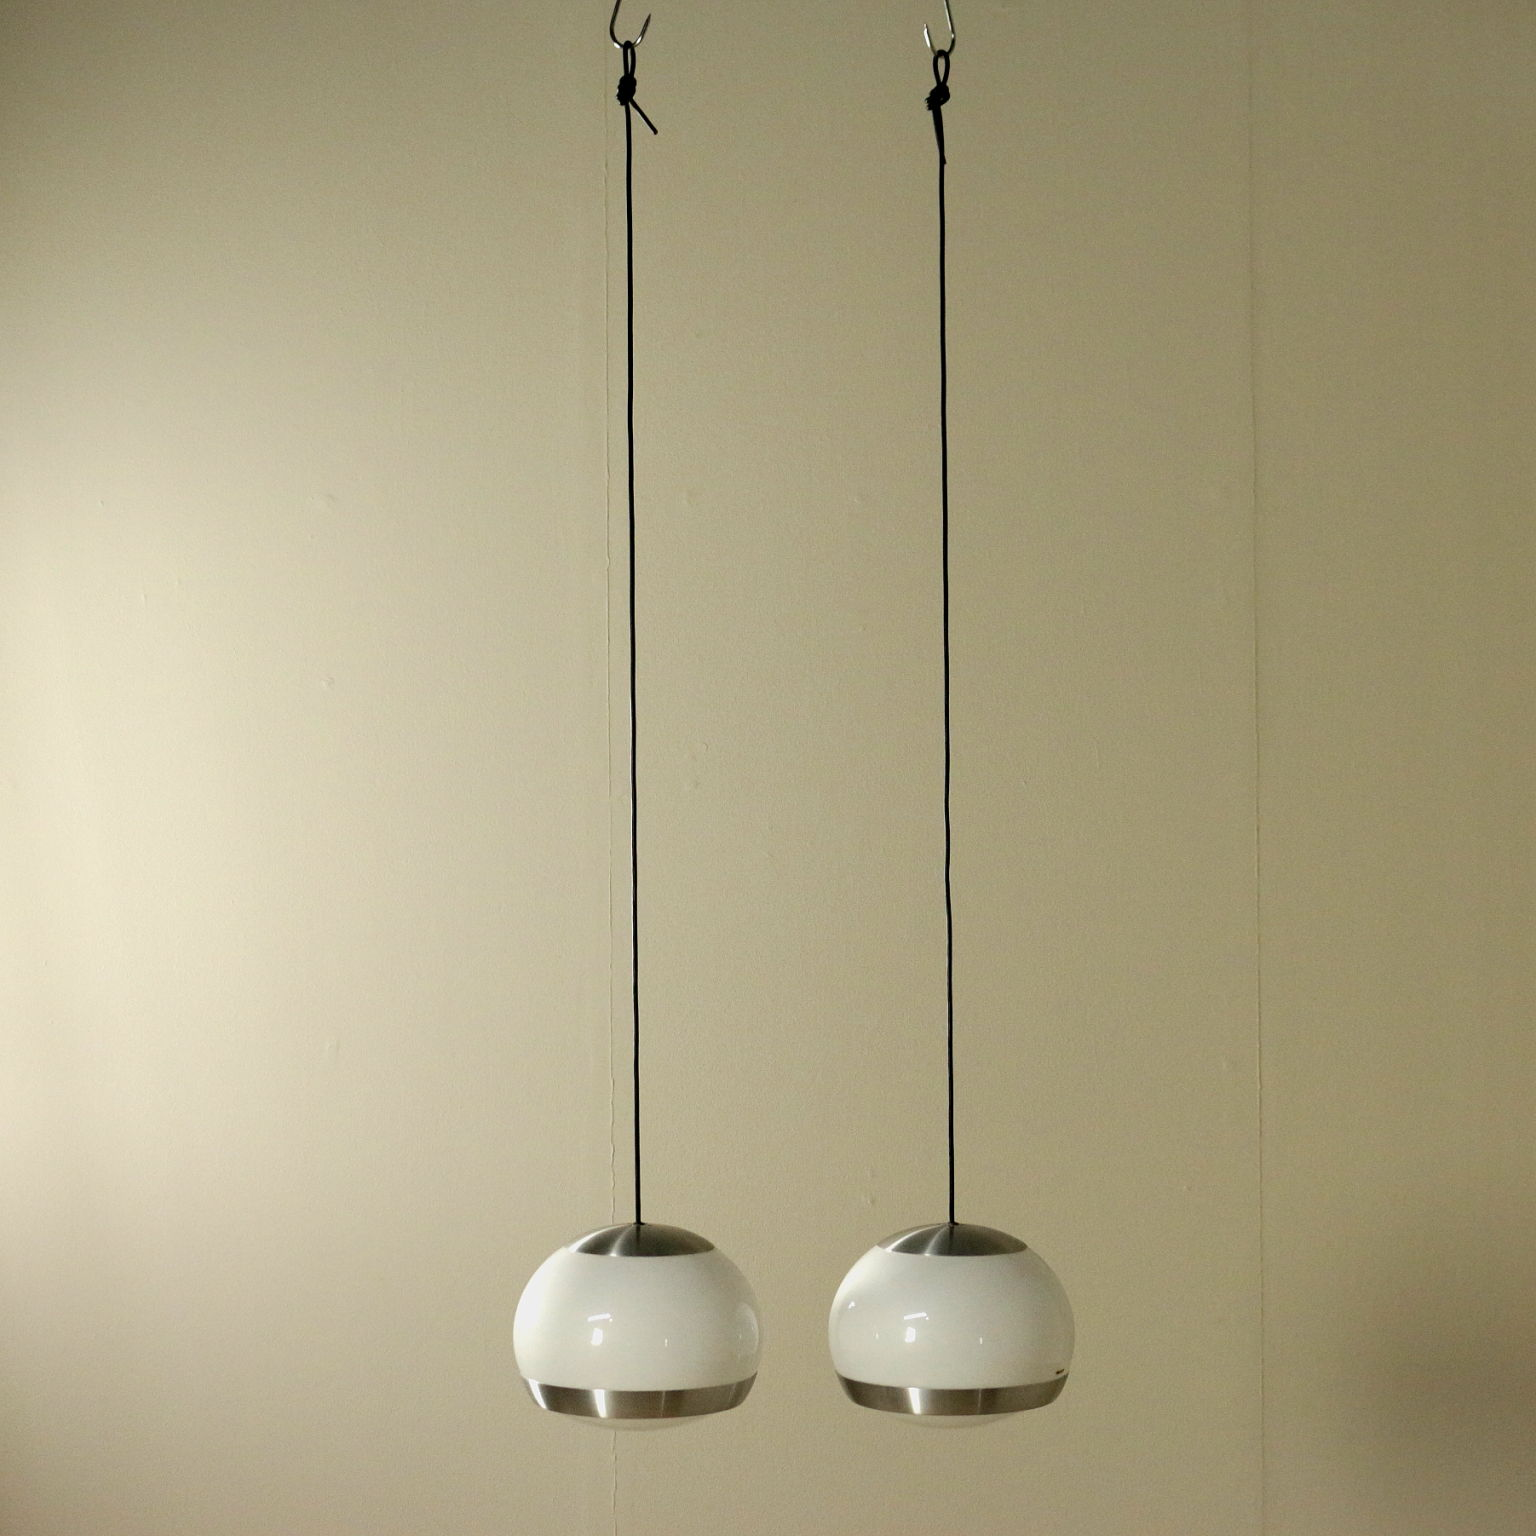 Lampade stilux illuminazione modernariato for Lampade modernariato